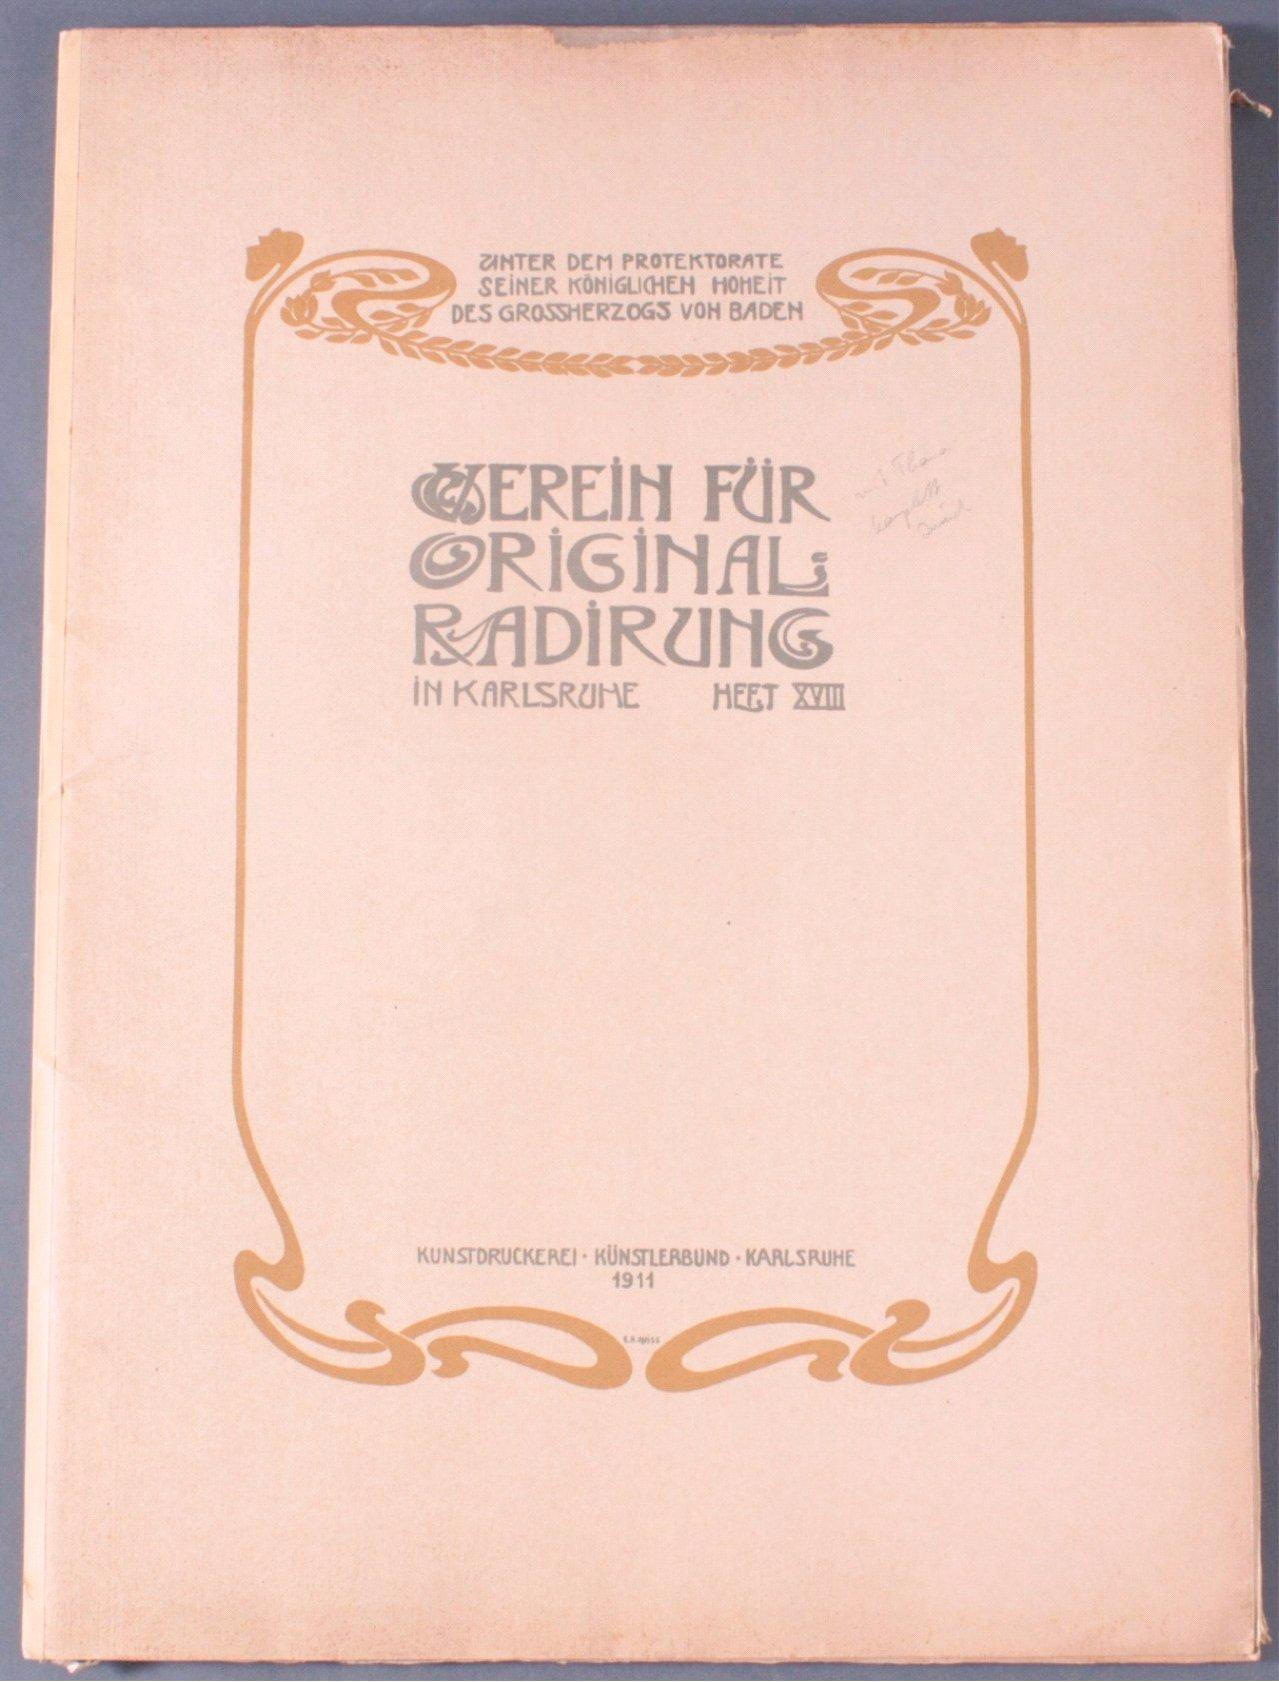 Verein für Original-Radierung Karlsruhe. Heft XVII, 1911